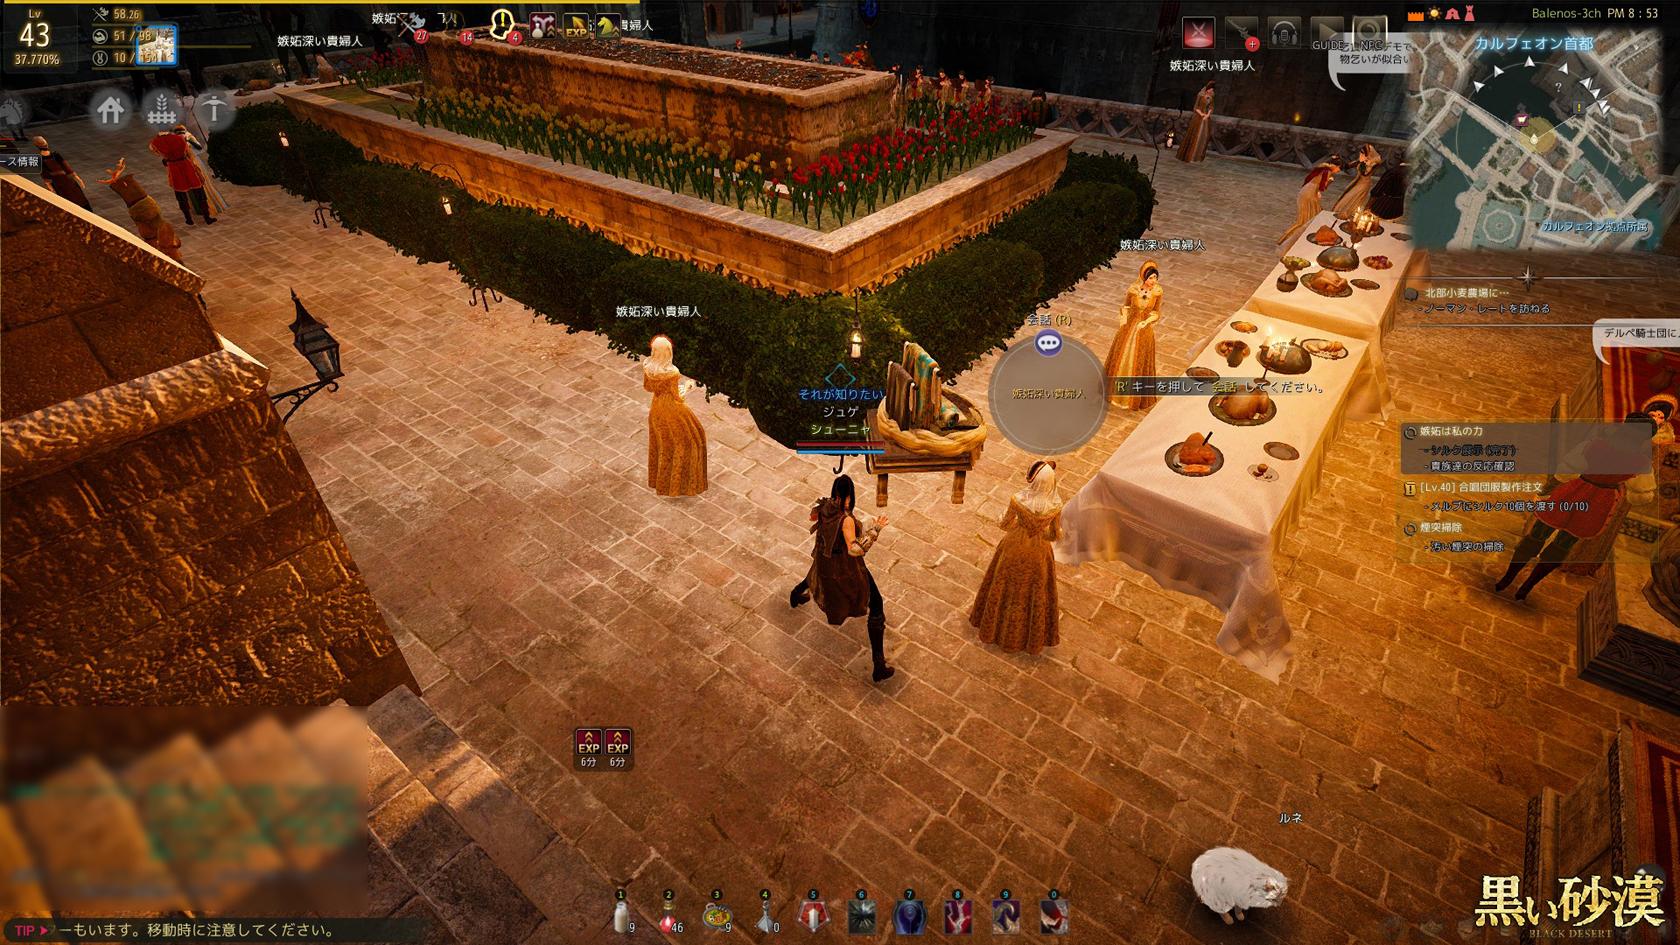 メインストーリー:カルフェオン:社交場、貴族達の戦場